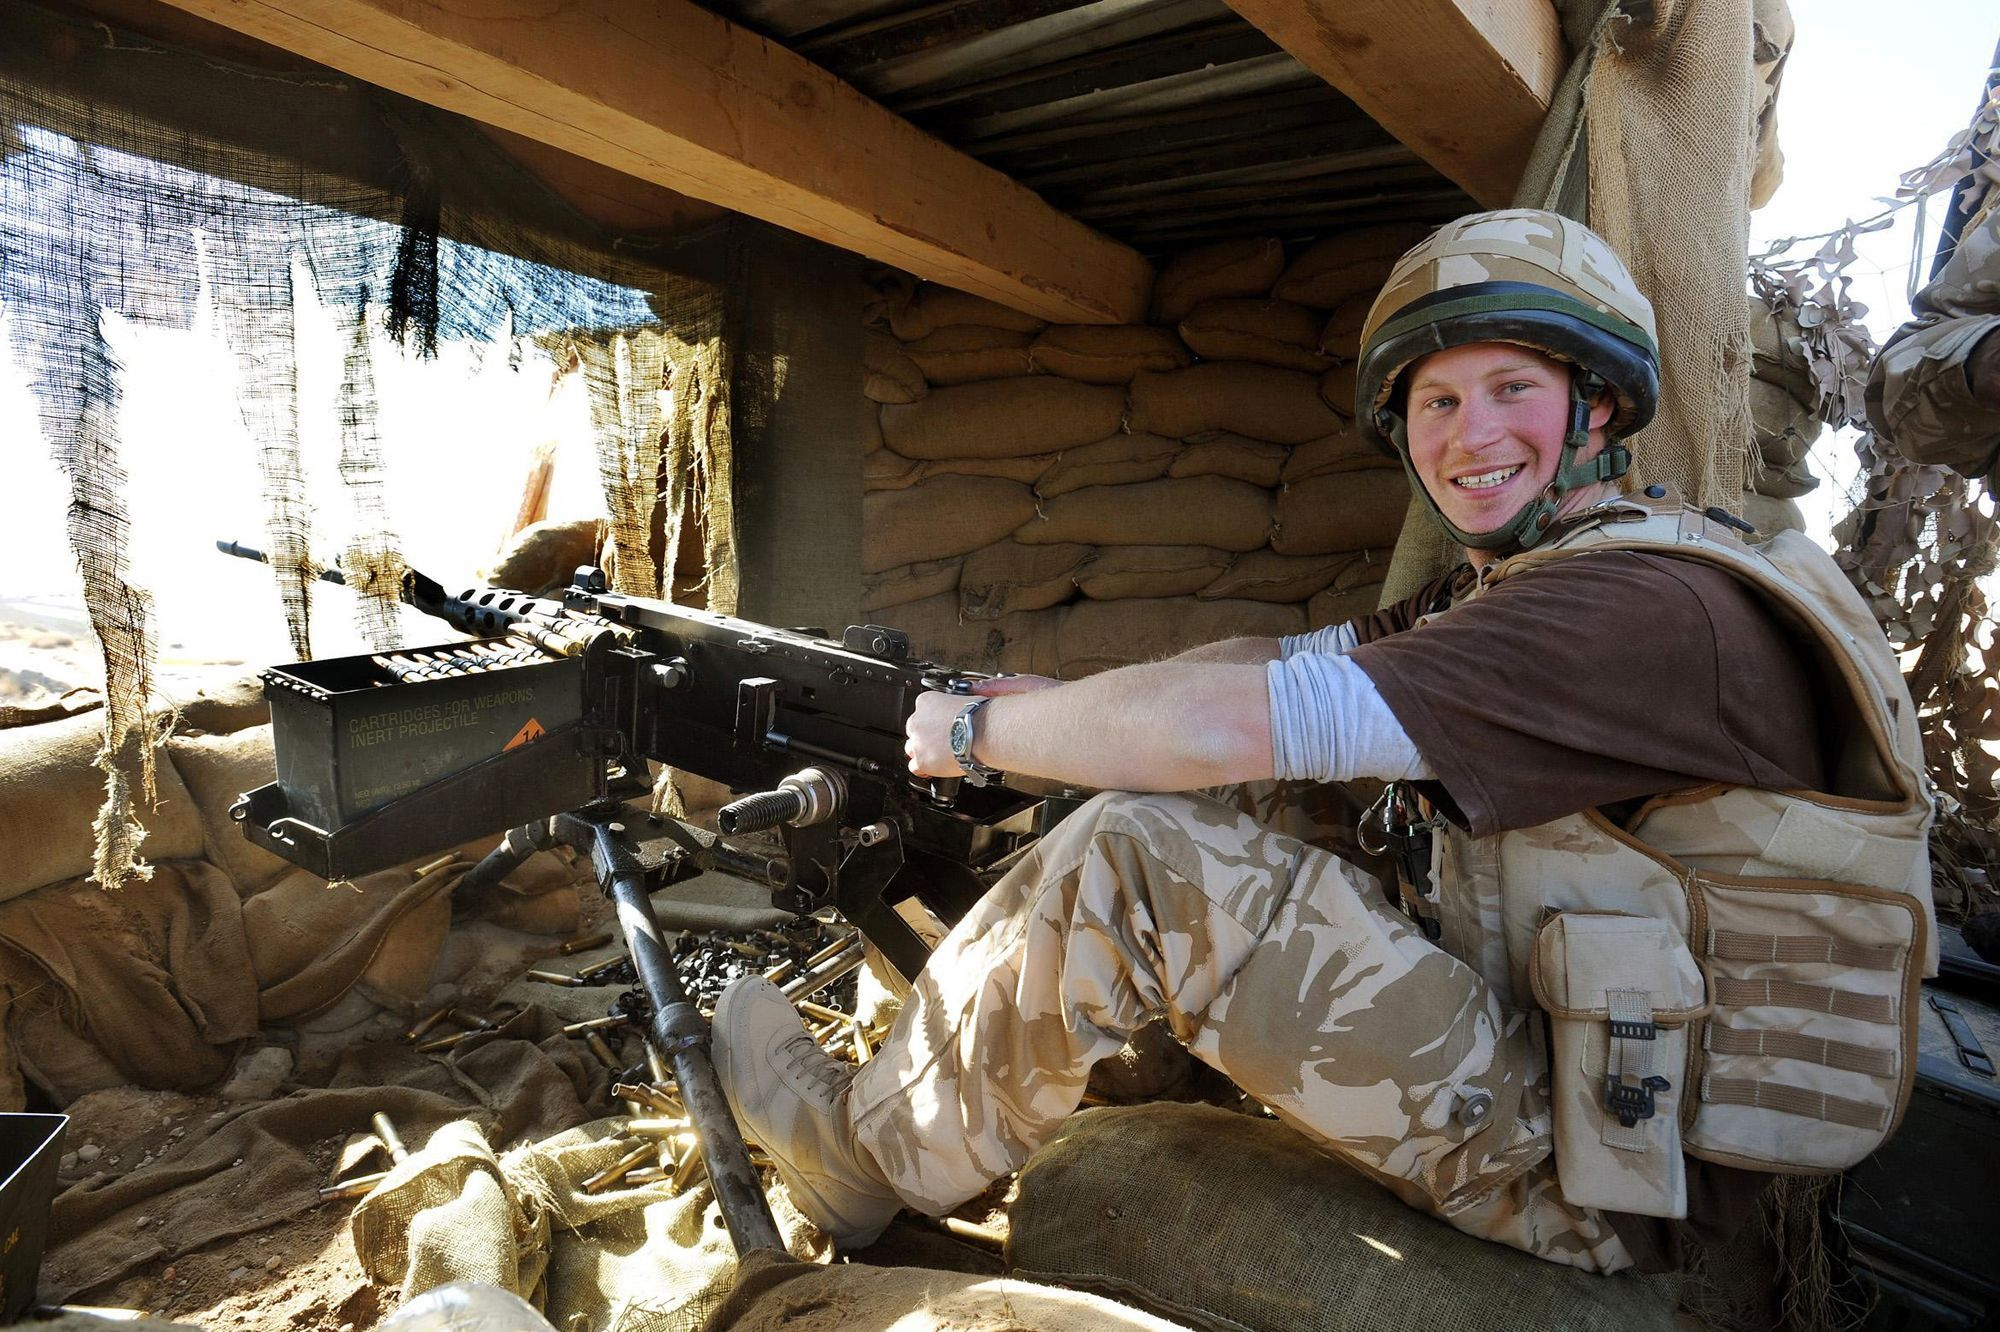 sites de rencontres en ligne soldats datant de 3 semaines et enceinte